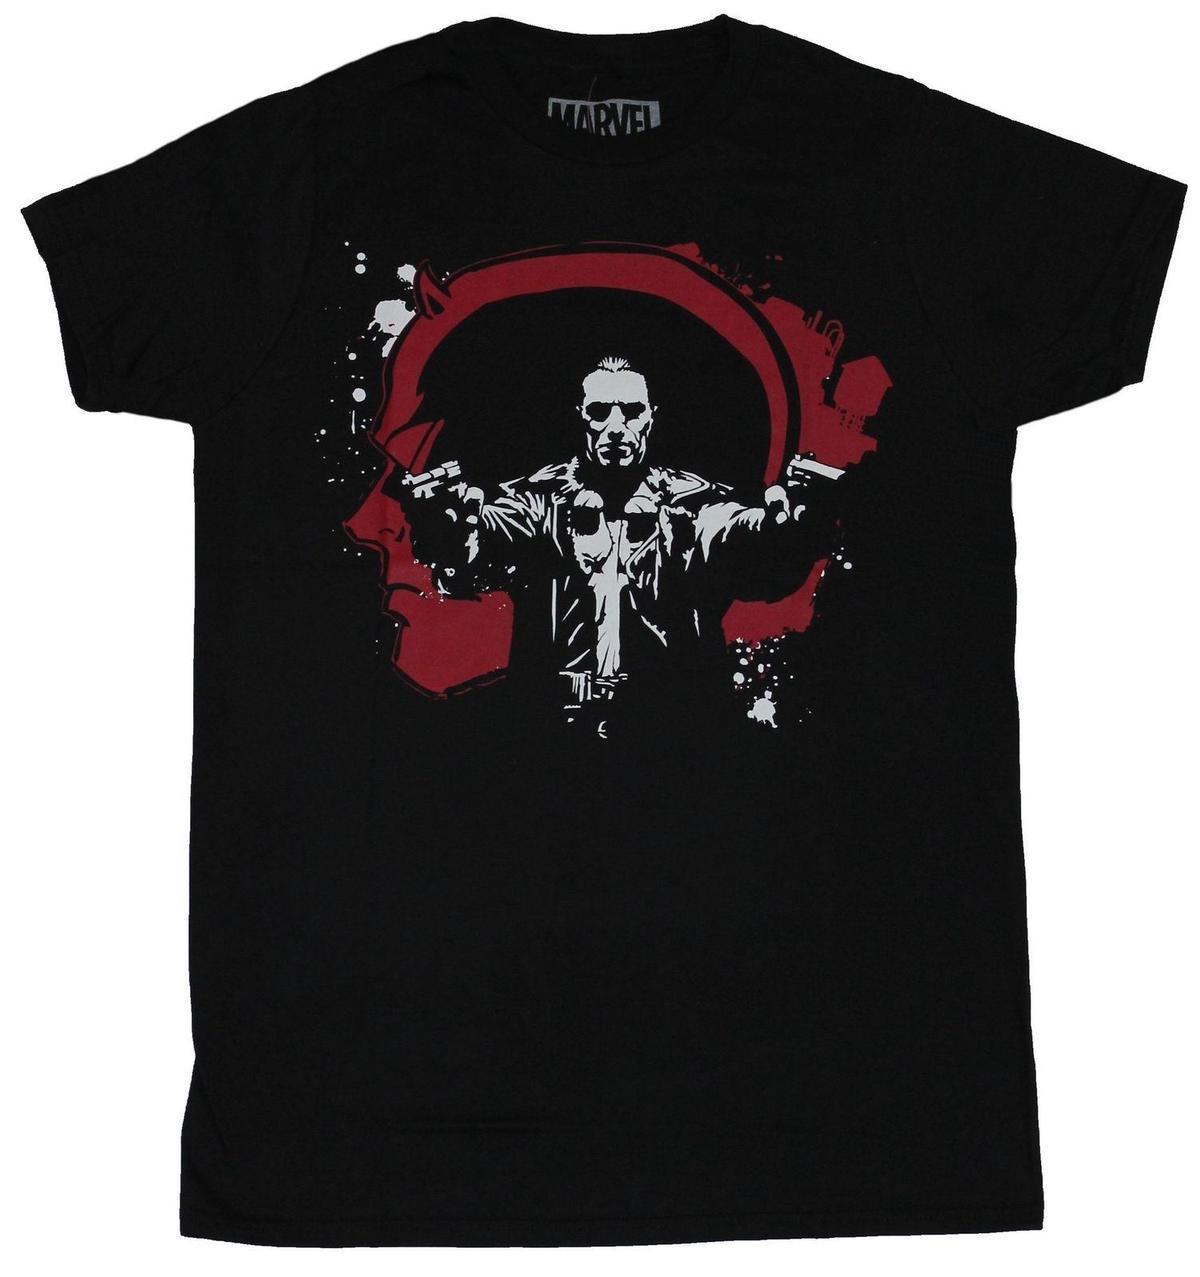 Compre O Justiceiro Marvel Comics T Shirt Dos Homens Punisher Em Daredevil  Splatter Tshirt O Pescoço Personalidade Verão Moda Masculina T Shirts De ... 951a282f69014